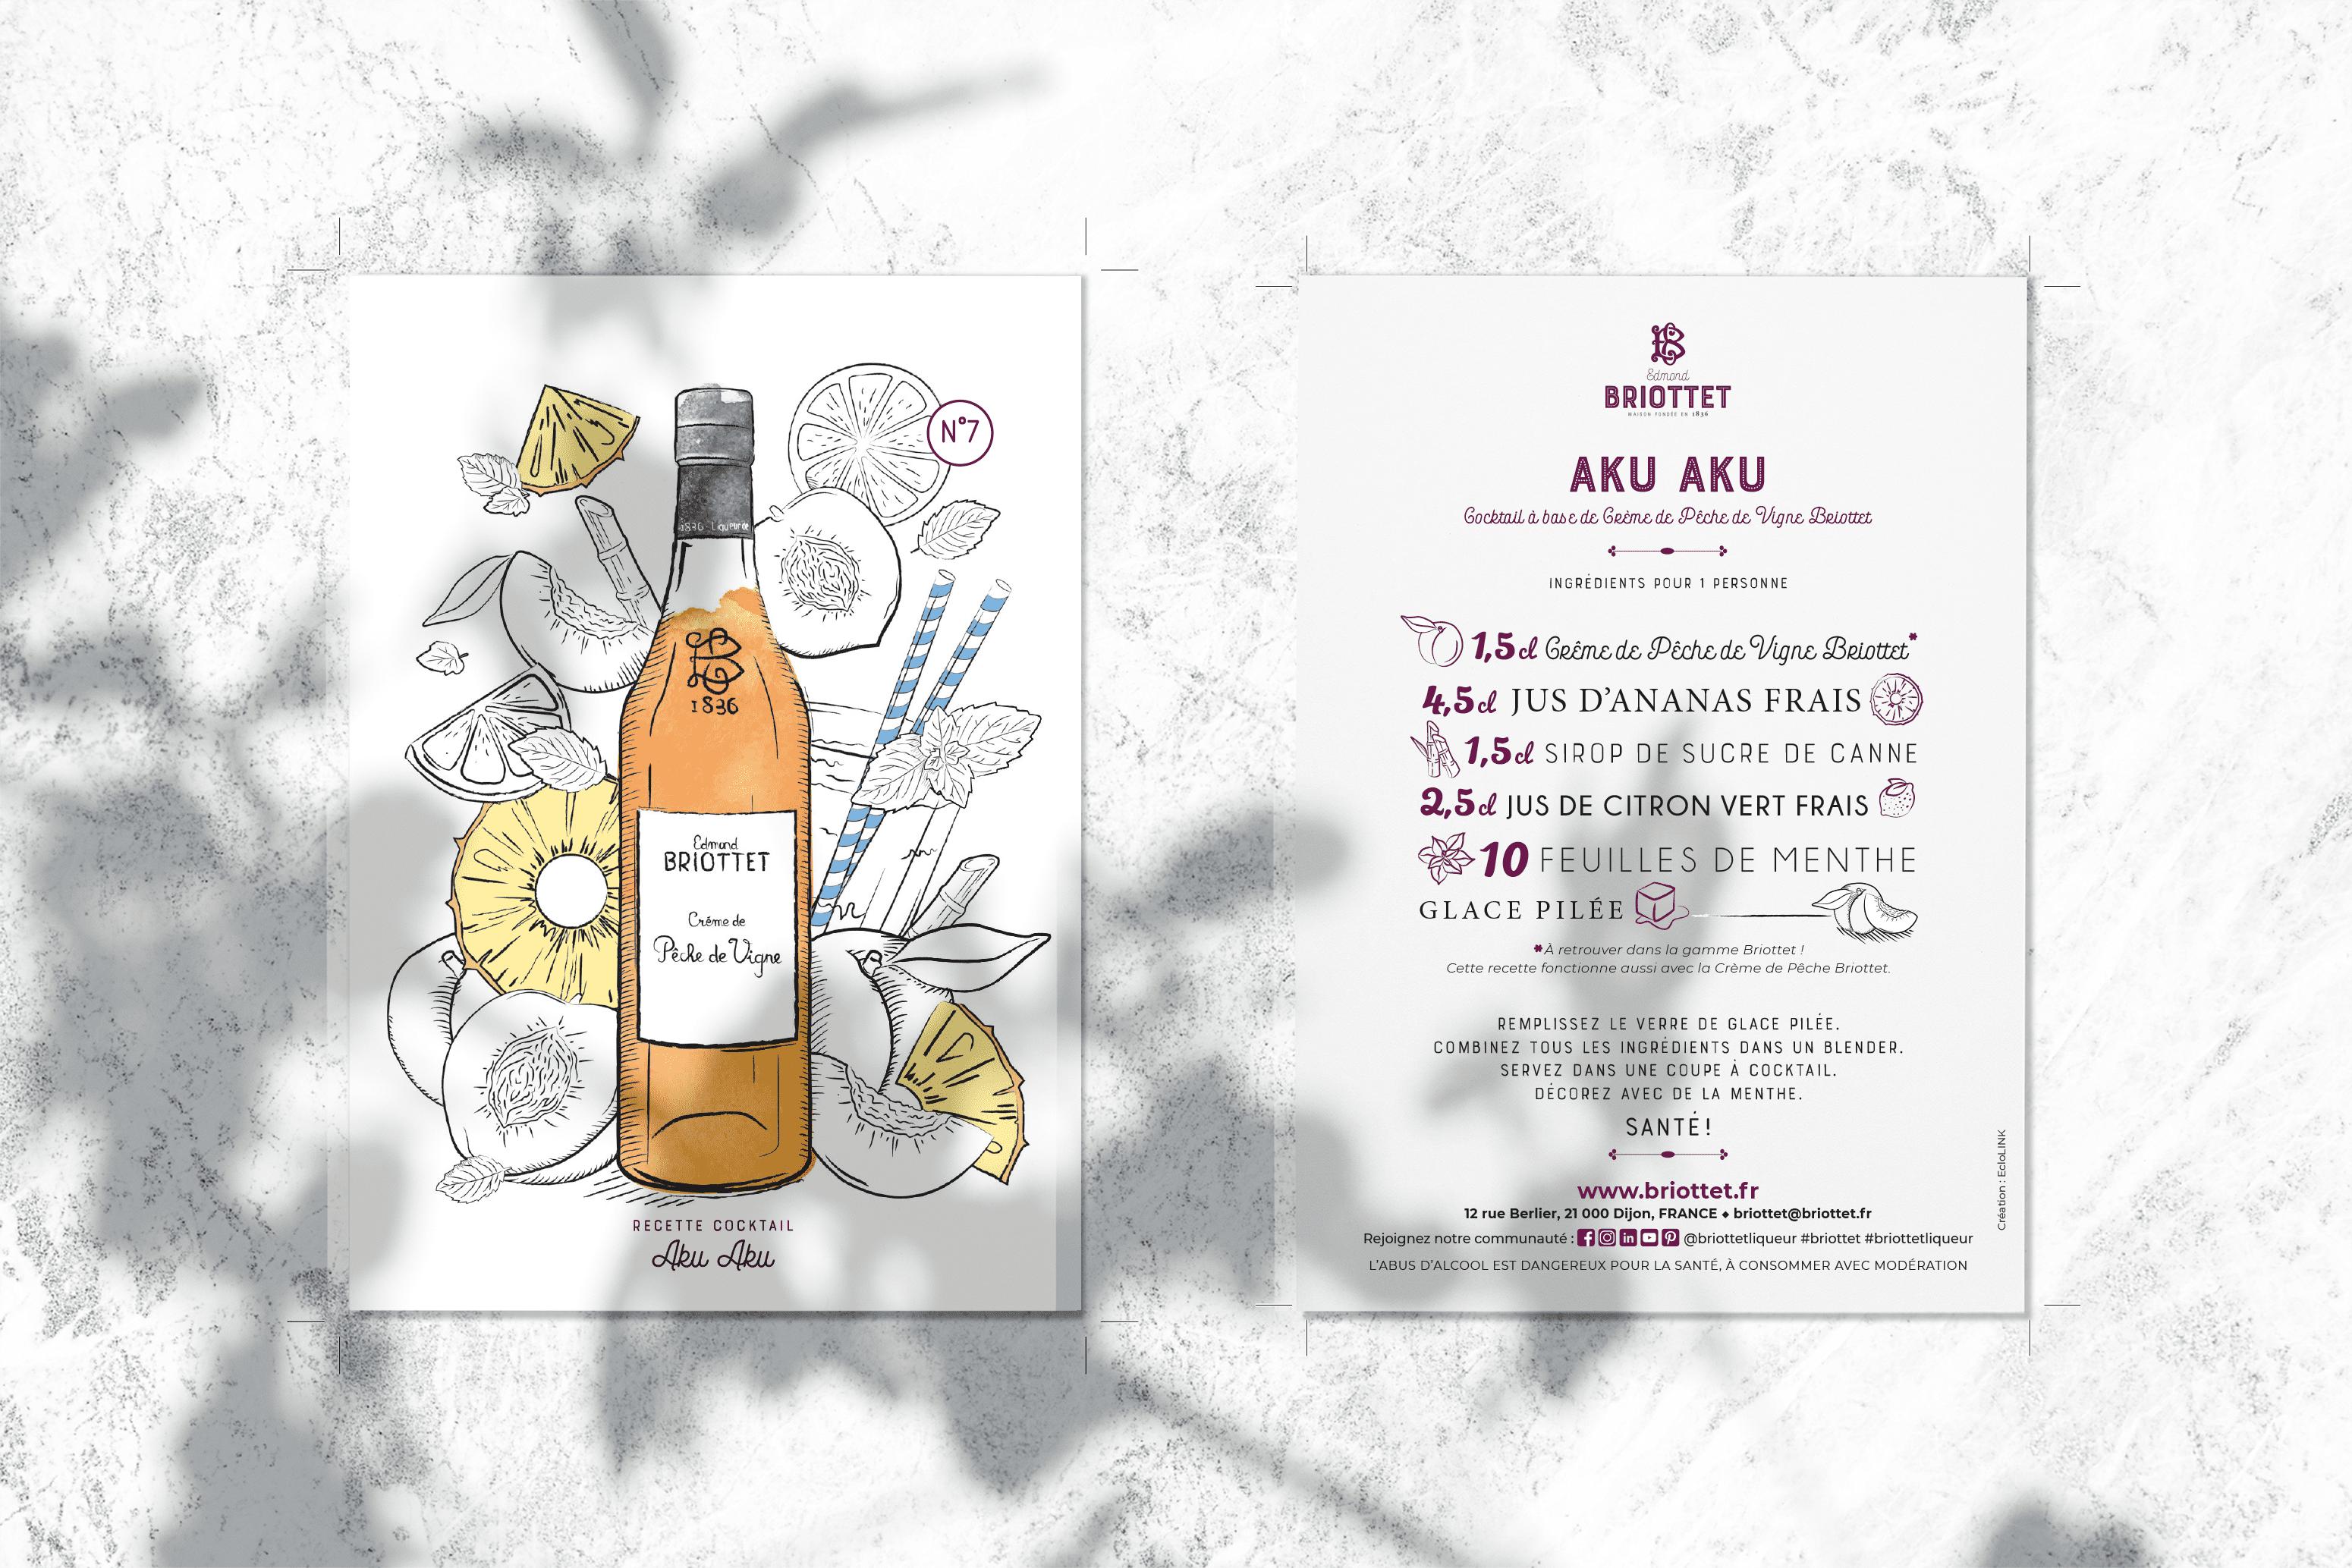 Collection de cartes recettes Briottet N°7 avec recette du Aku Aku. Cocktail composé avec de la Crème de Pêche de Vigne Briottet.